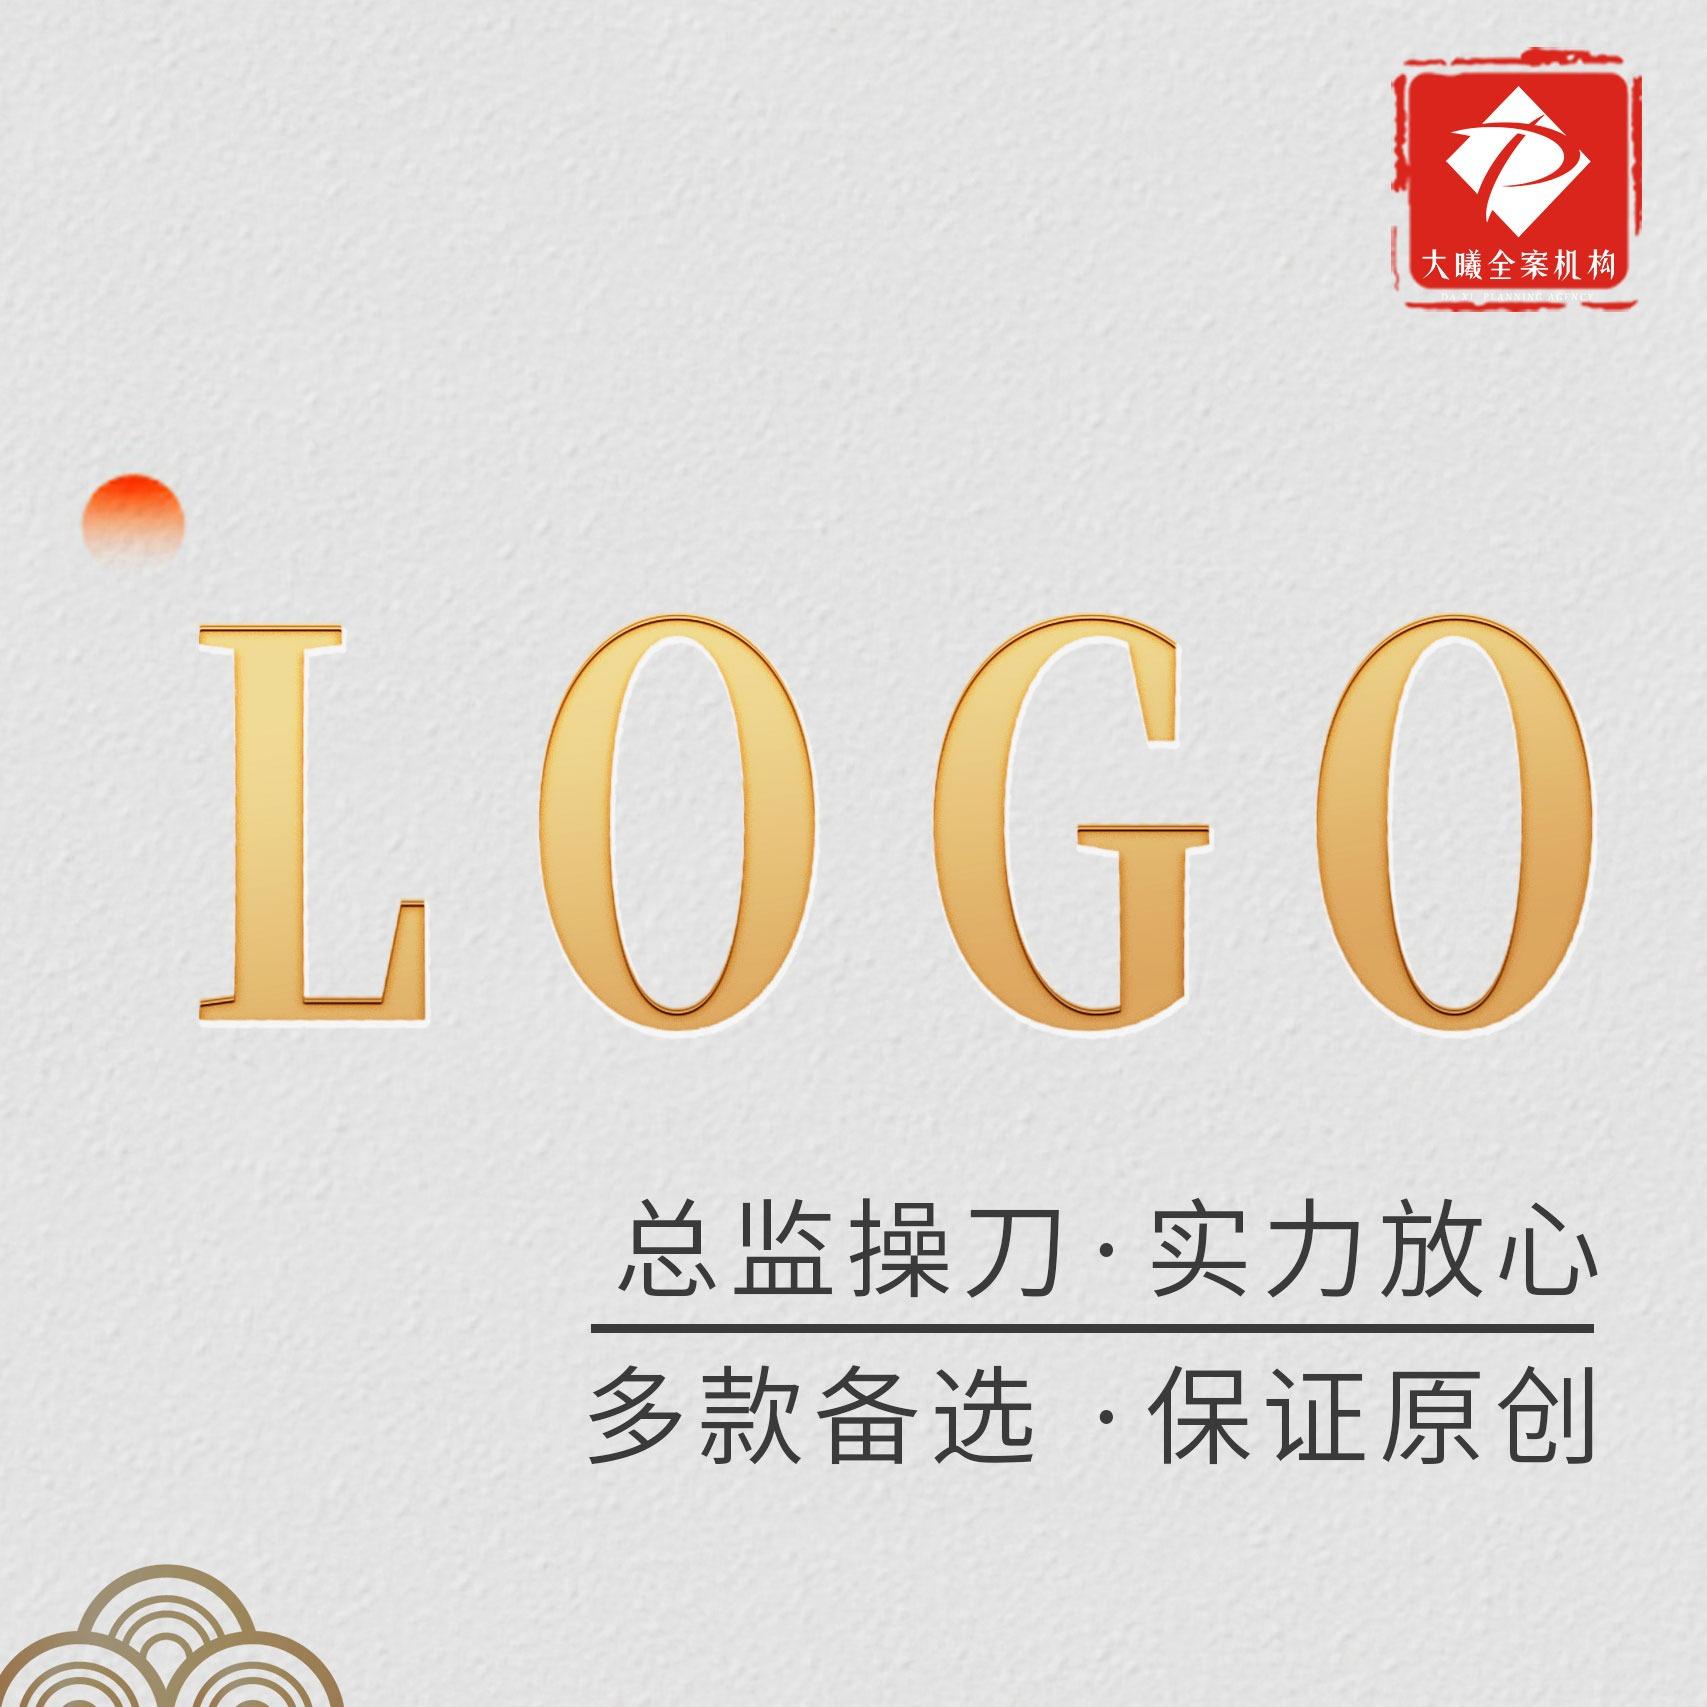 餐饮集团公司标志 LOGO 设计原创专业图形字体创意标志 LOGO